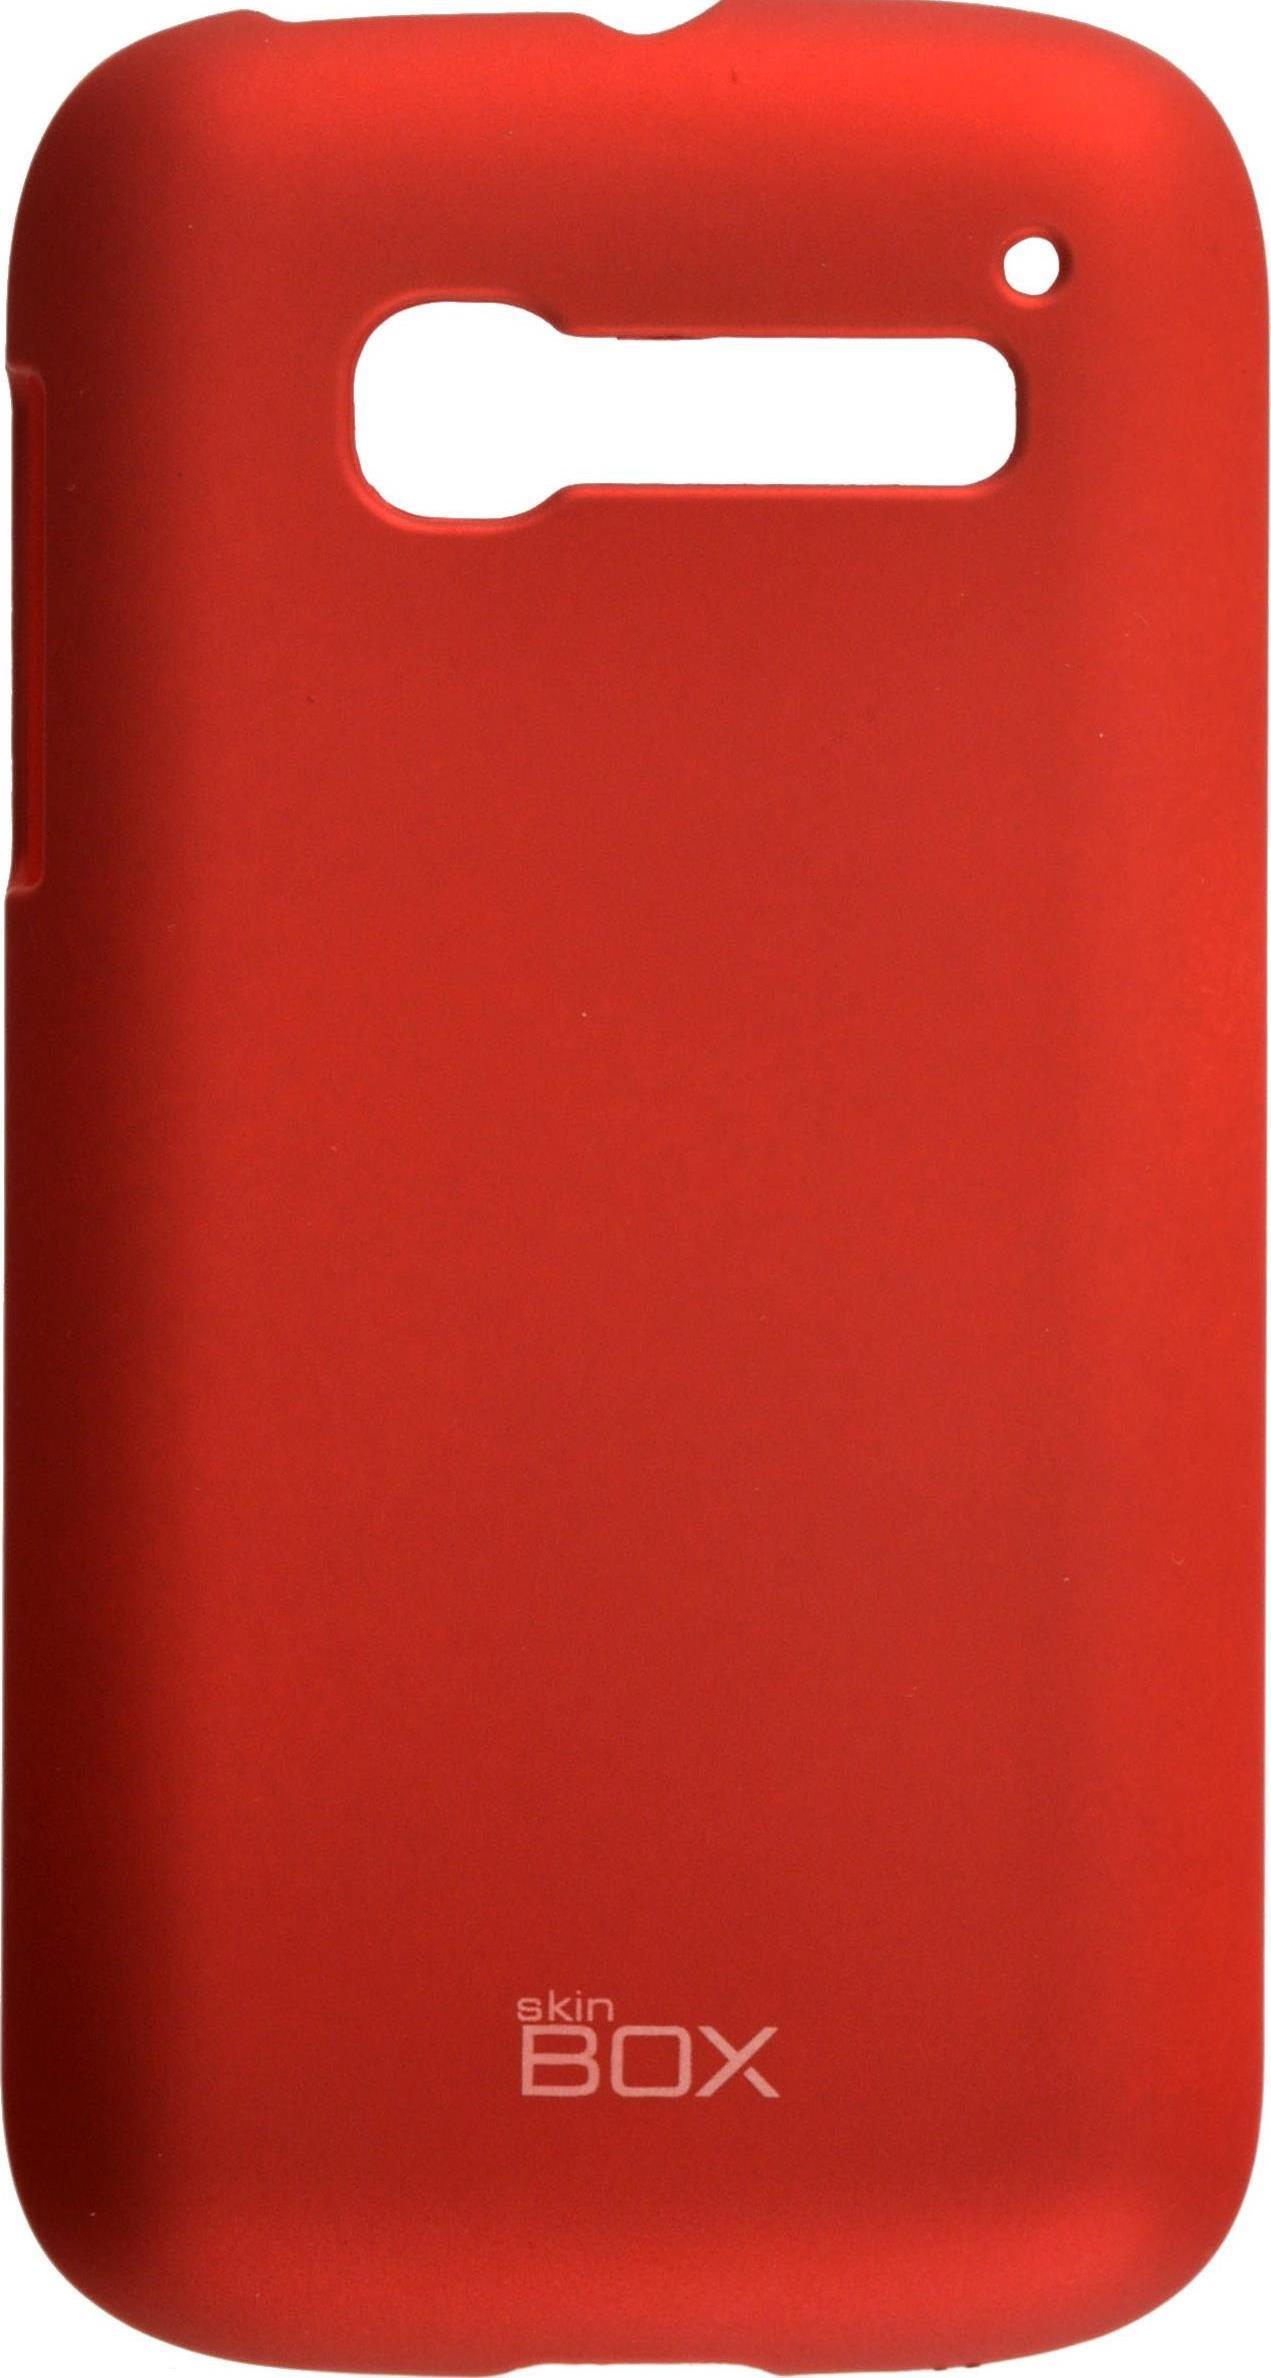 Накладка skinBOX для Alcatel5036D, 2000000074139, красный чехлы для телефонов skinbox flip slim skinbox alcatel 4024d pixi